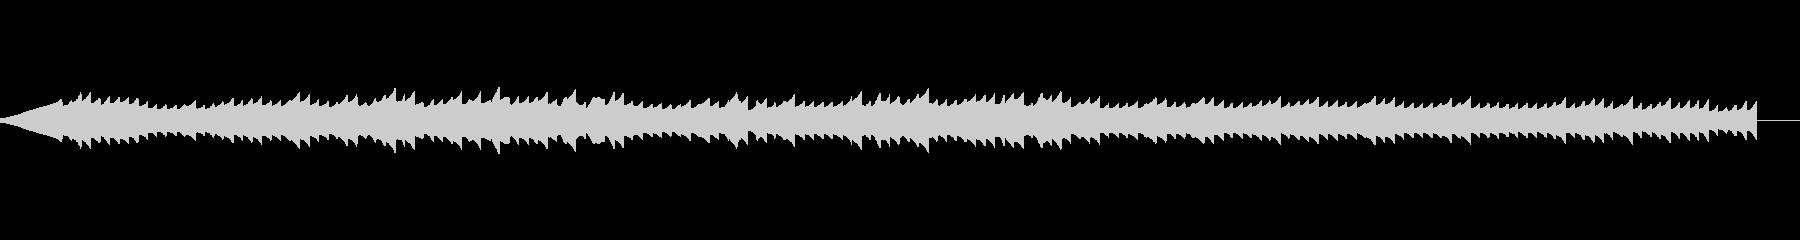 ランダム:ハイピッチ、コンピュータ...の未再生の波形